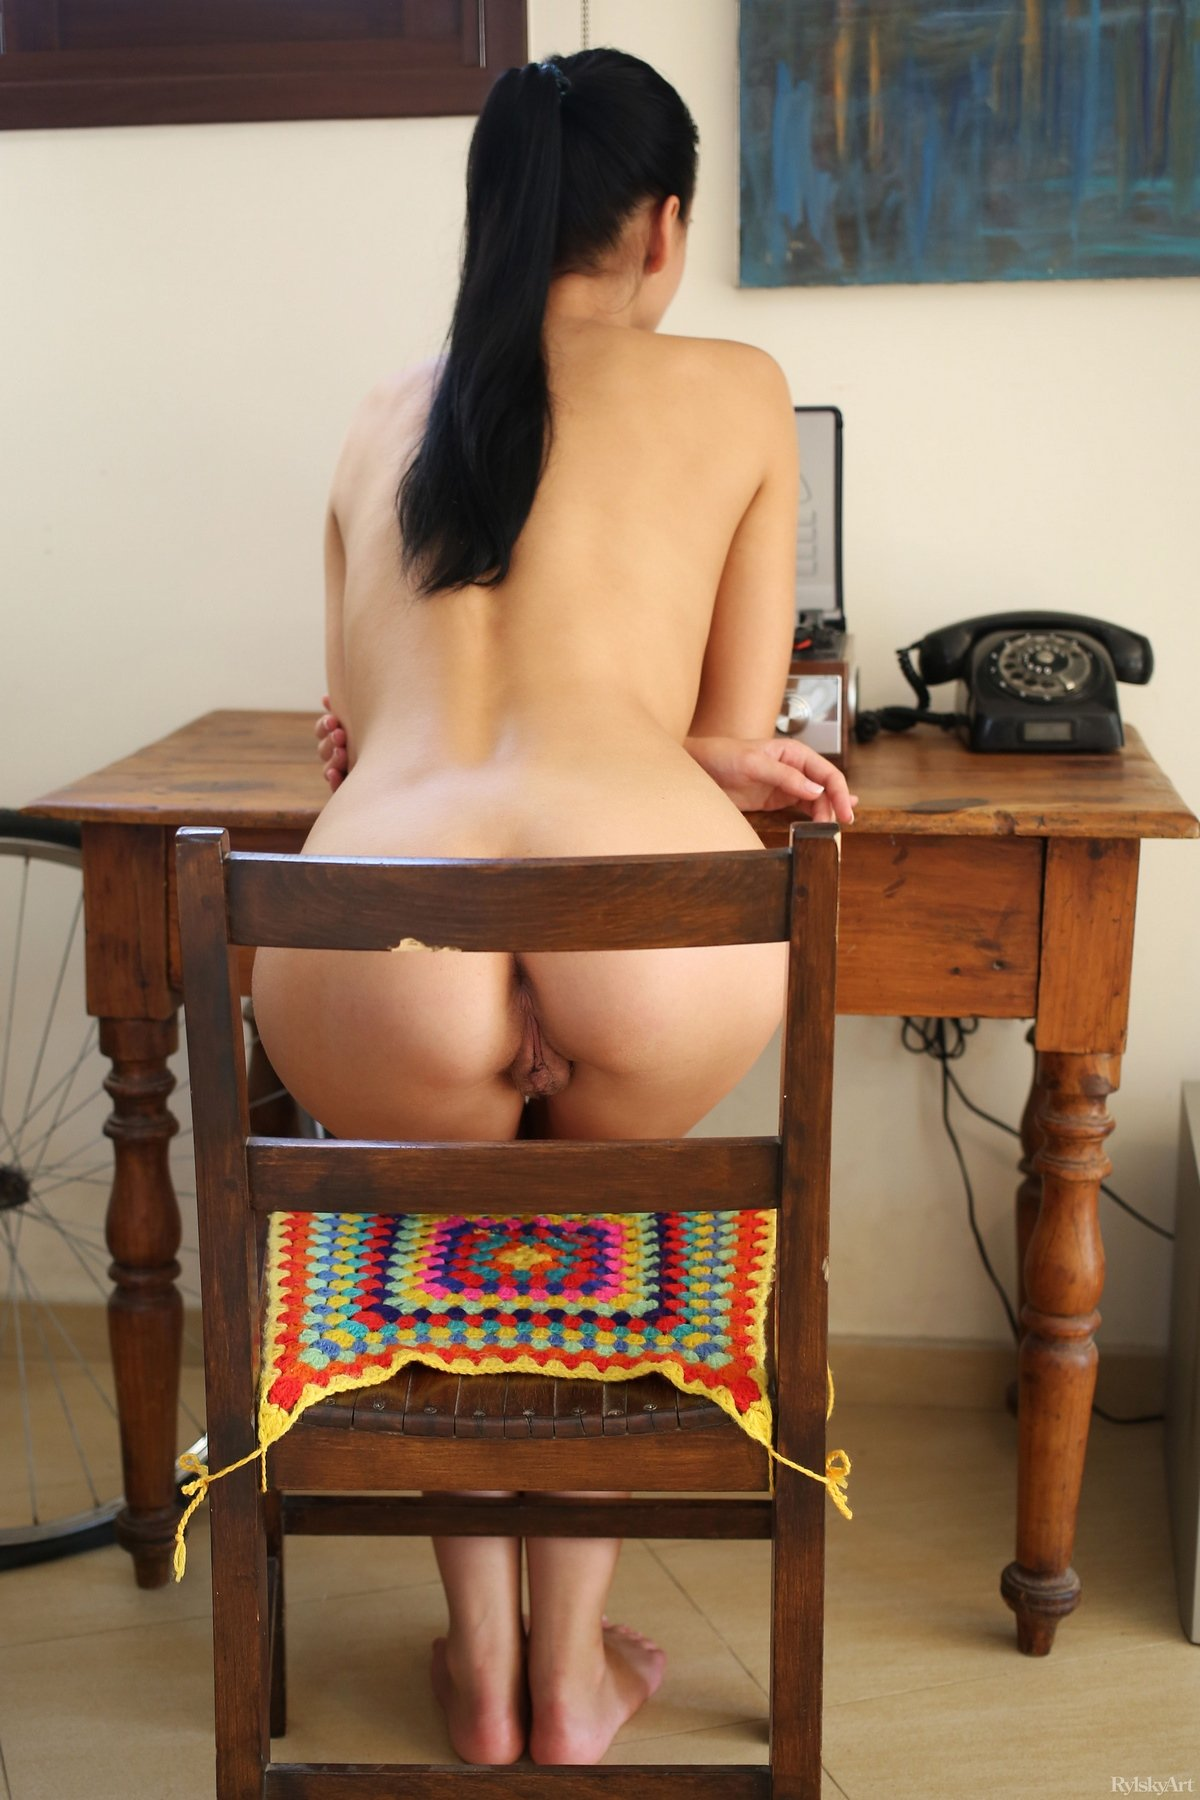 Чика с пухлыми губками сфотографировала волосатую пилотку секс фото